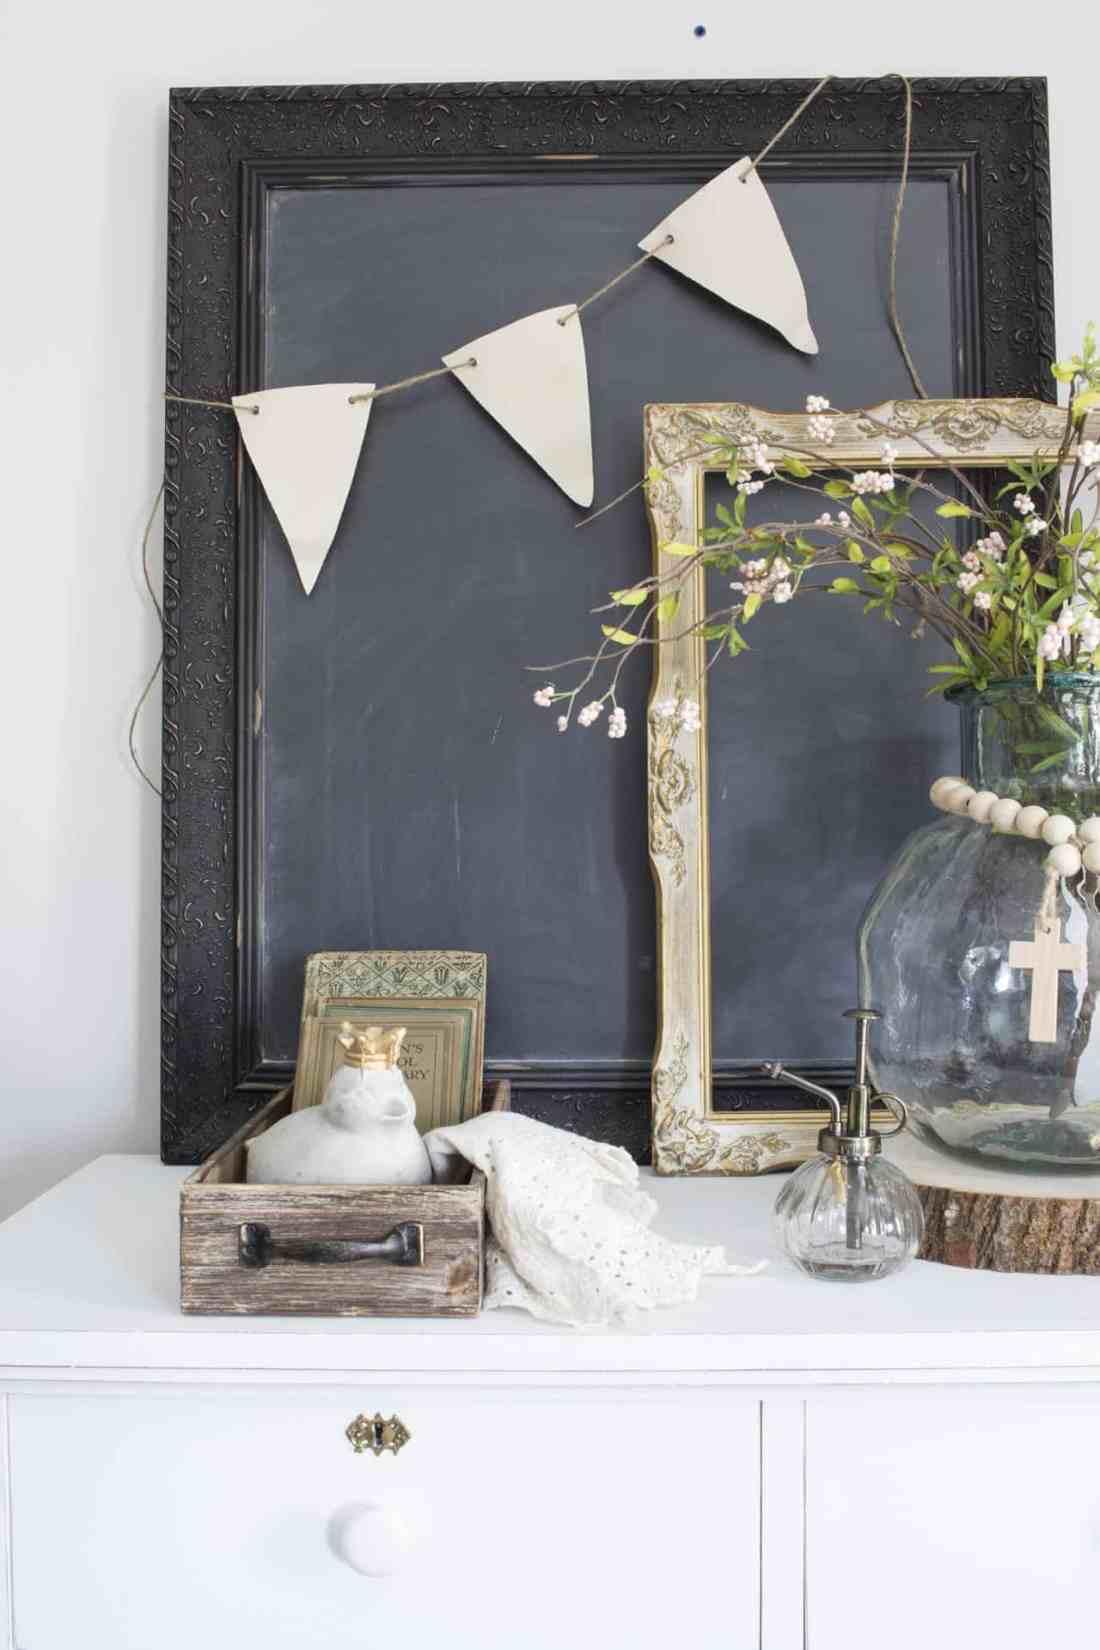 farmhouse vignette on dresser in living room